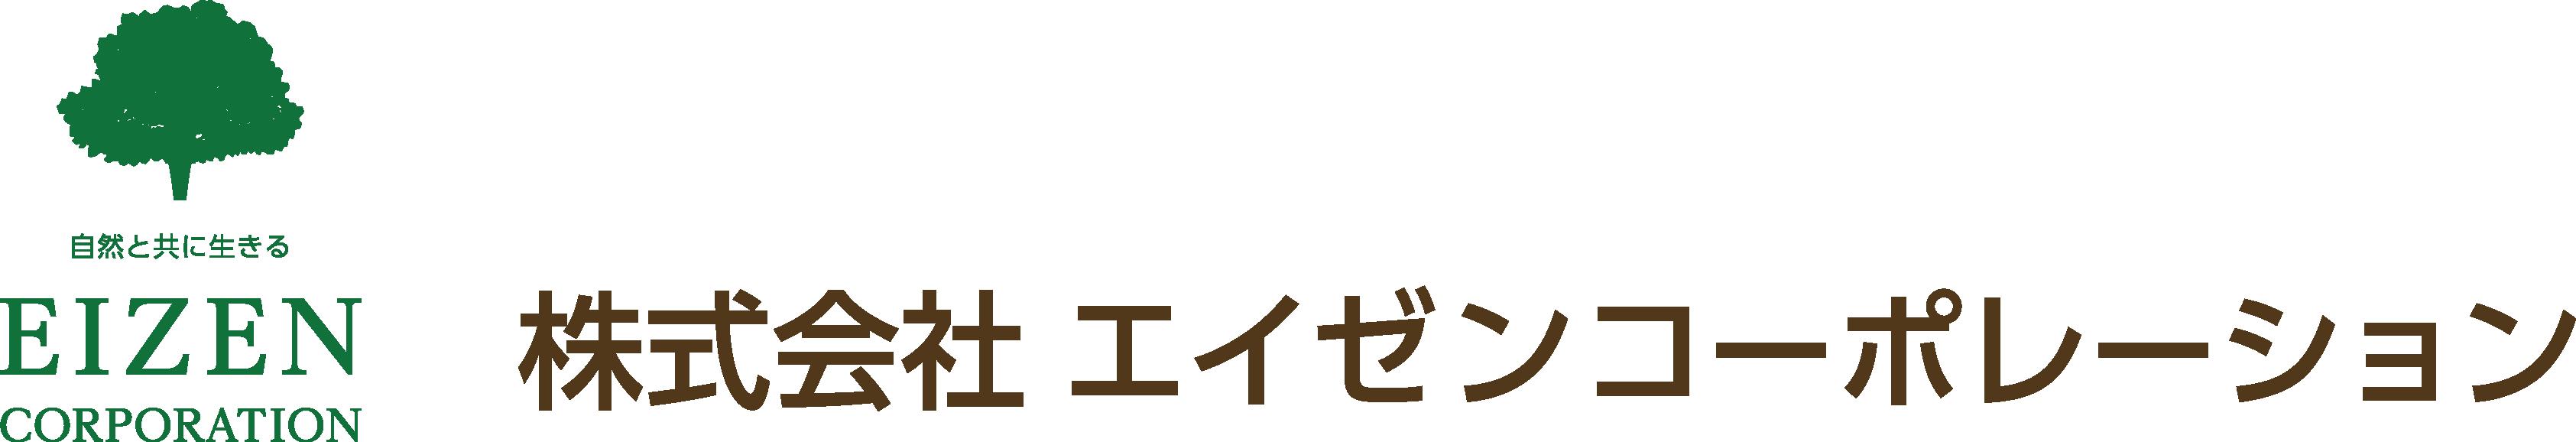 株式会社エイゼンコーポレーション